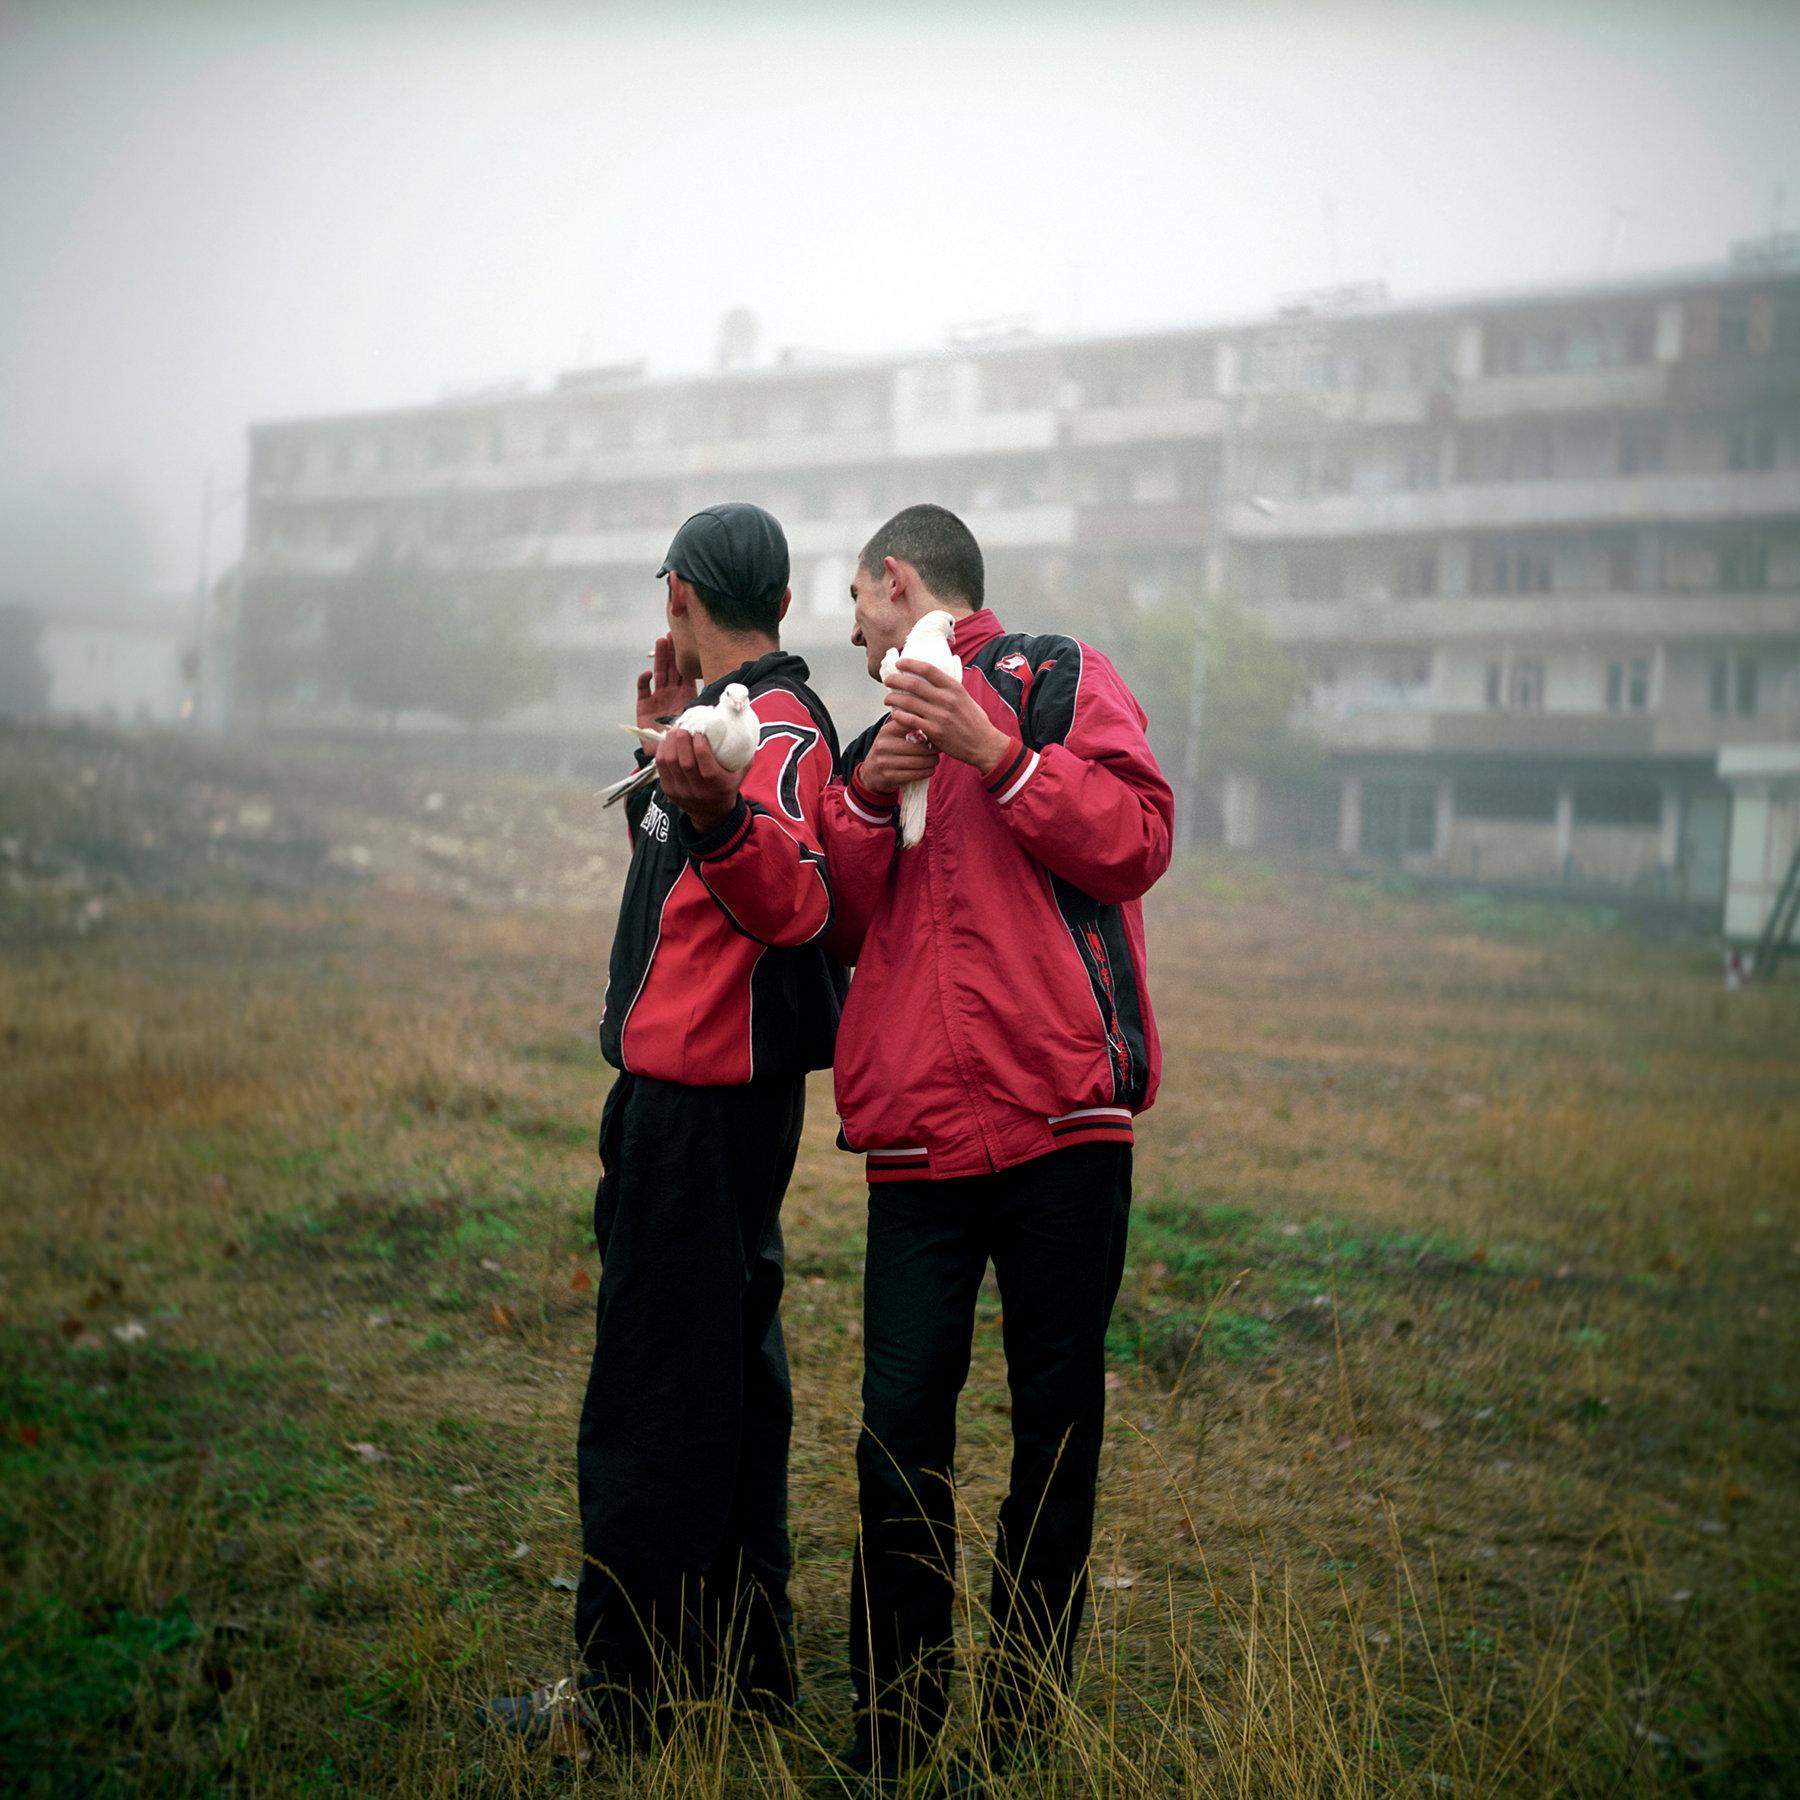 L'Arménie retrouvée, deux jeunes hommes@de Shoushi récupèrent les pigeons@lâchés à l'occasion du mariage